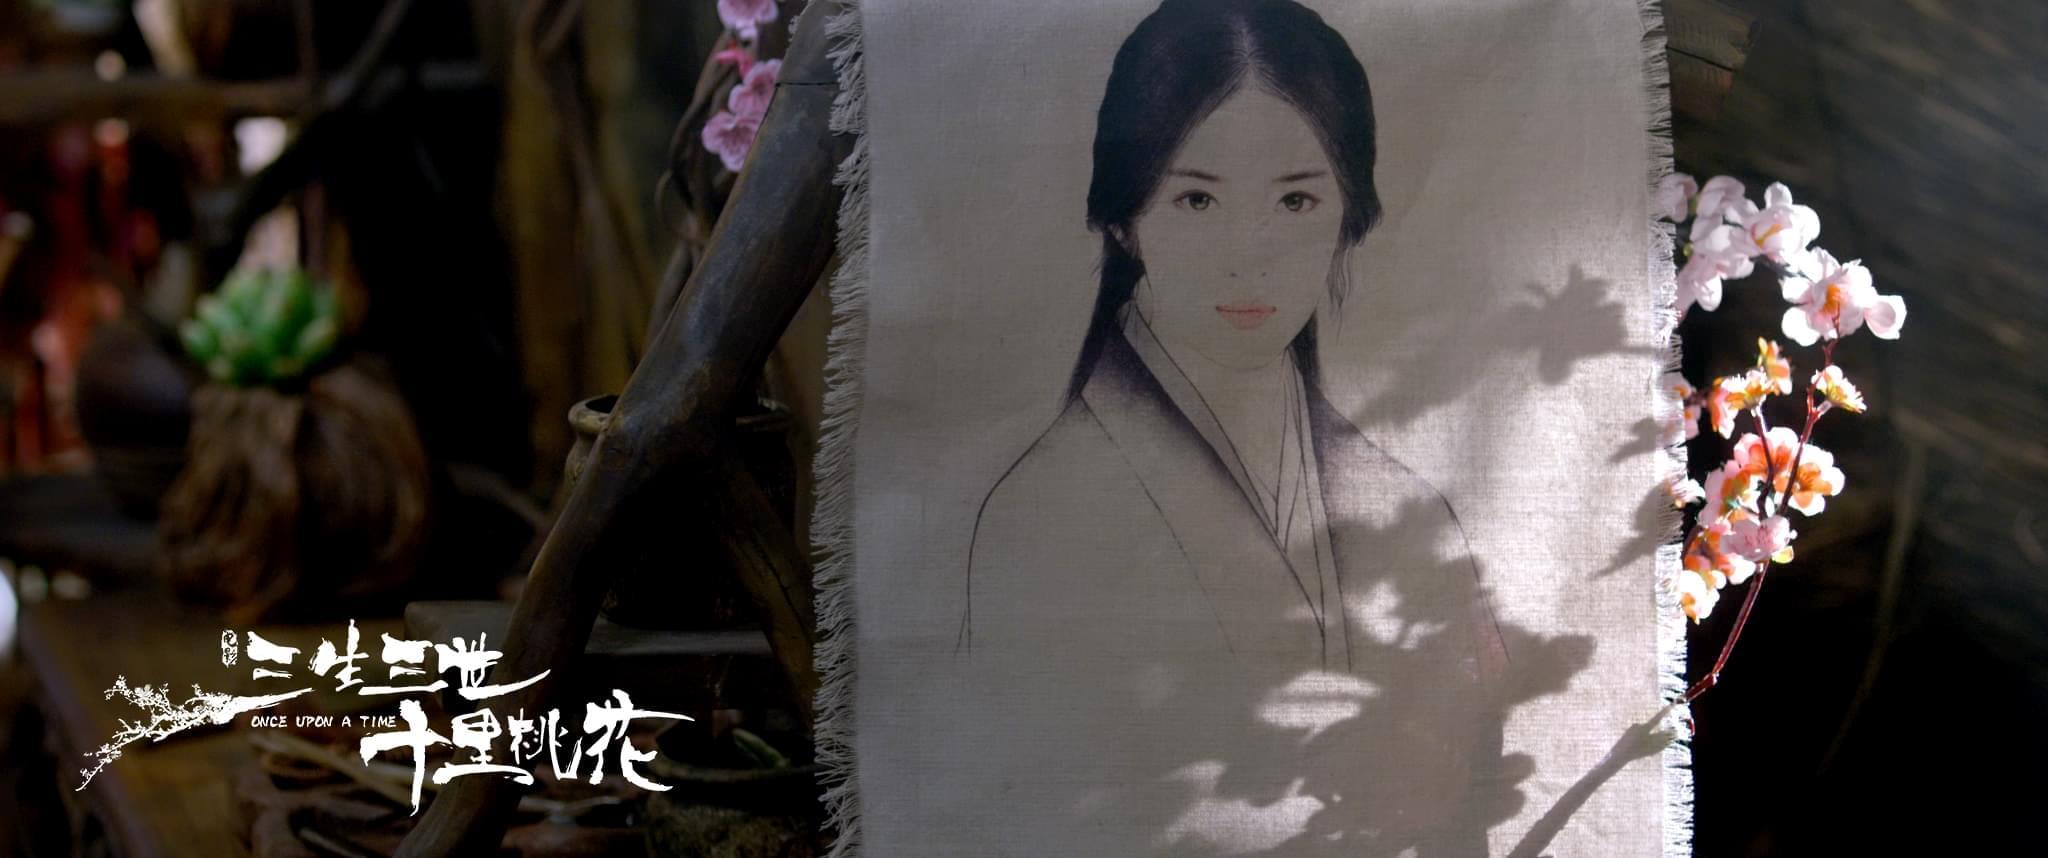 《三生三世》曝片段集锦 解大婚头饰设计有深意